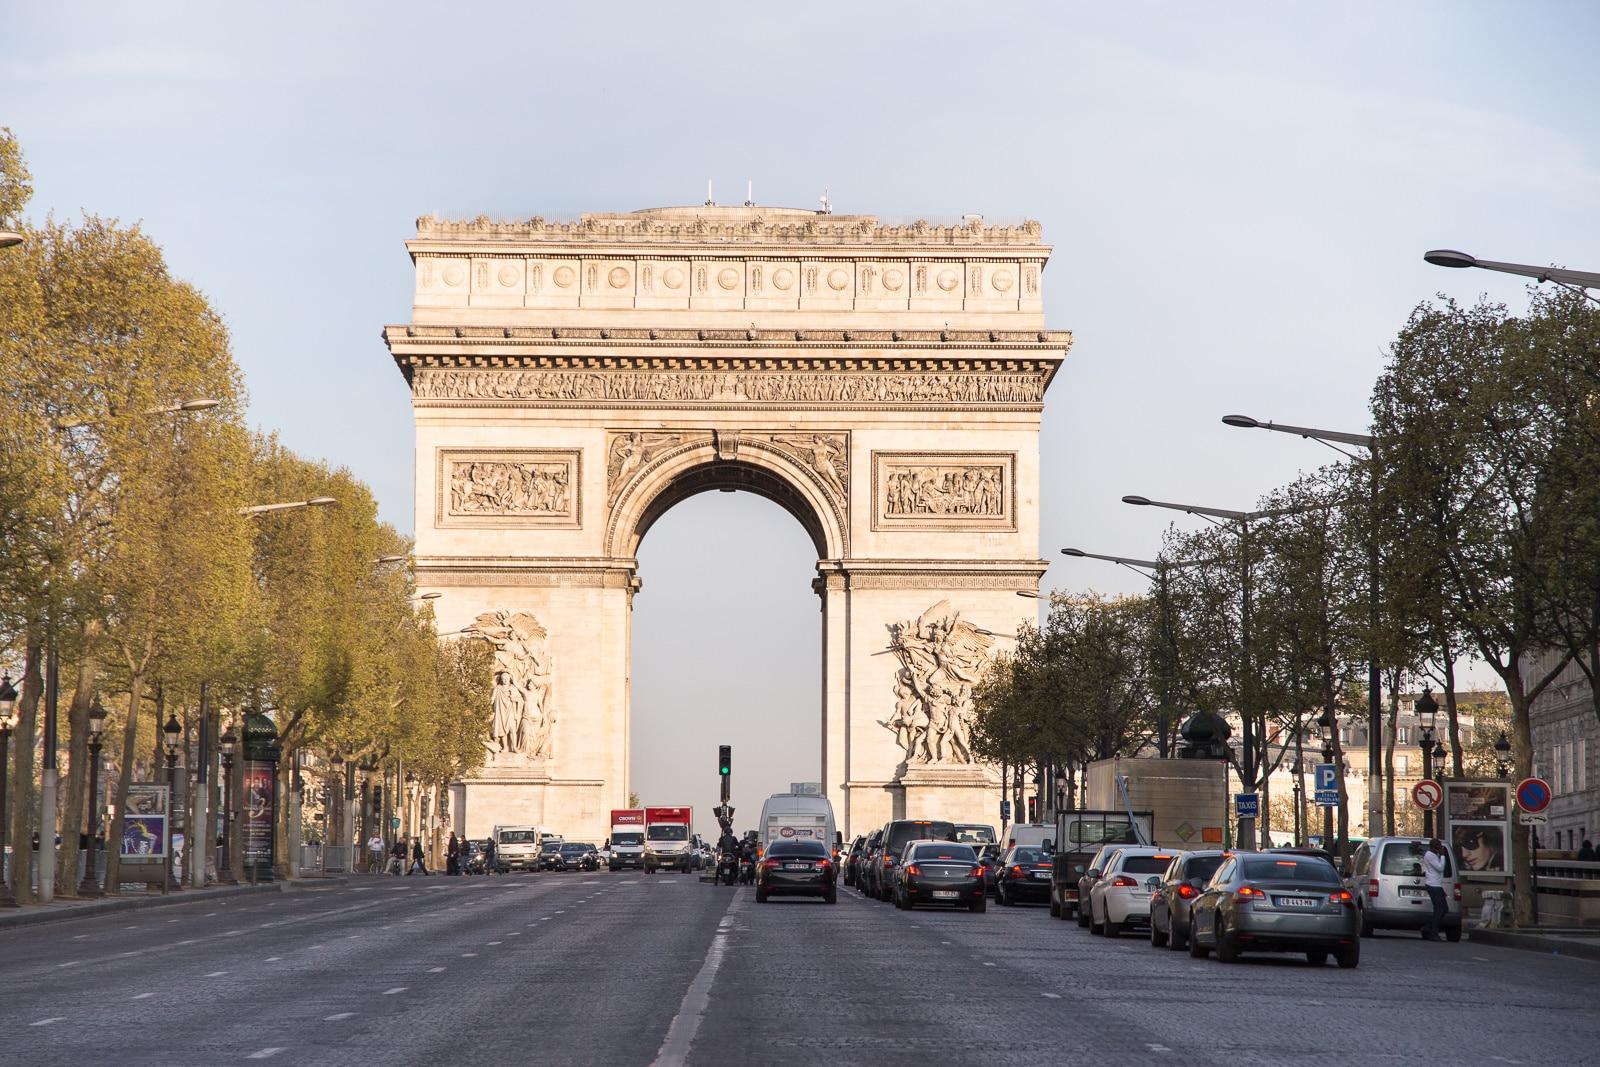 Städtereise nach Paris – So sieht der perfekte Tag aus!